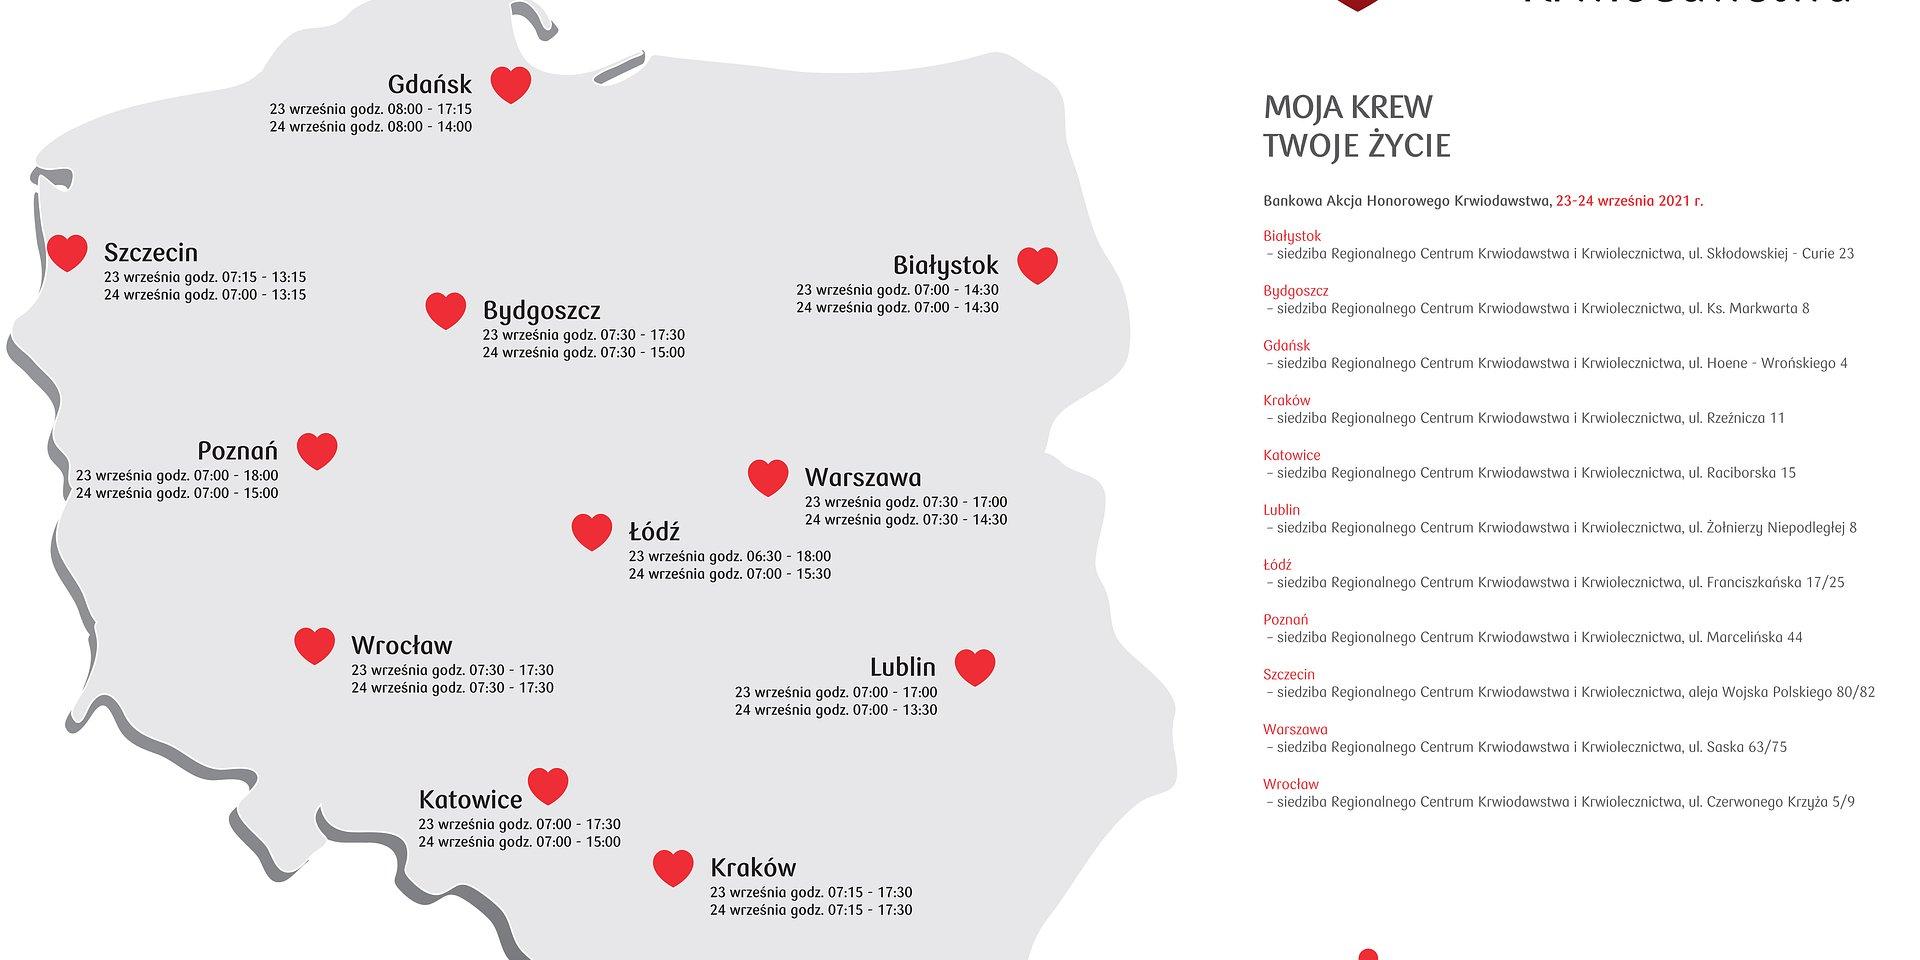 Jesienna Bankowa Akcja Honorowego Krwiodawstwa w Krakowie – 23 i 24 września.